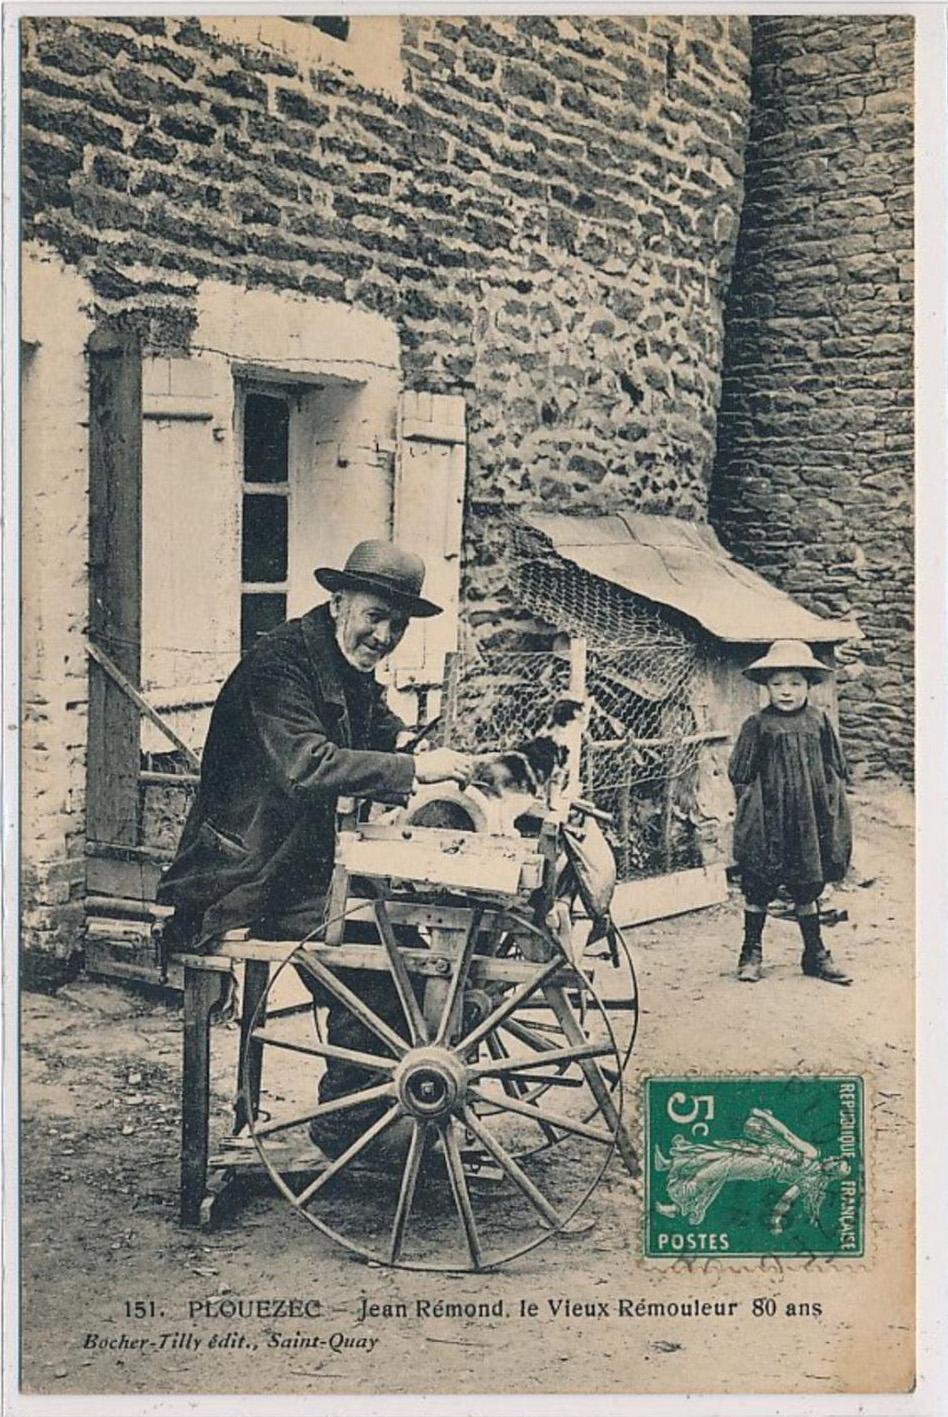 Cartes postales de collection   AbeBooks.fr